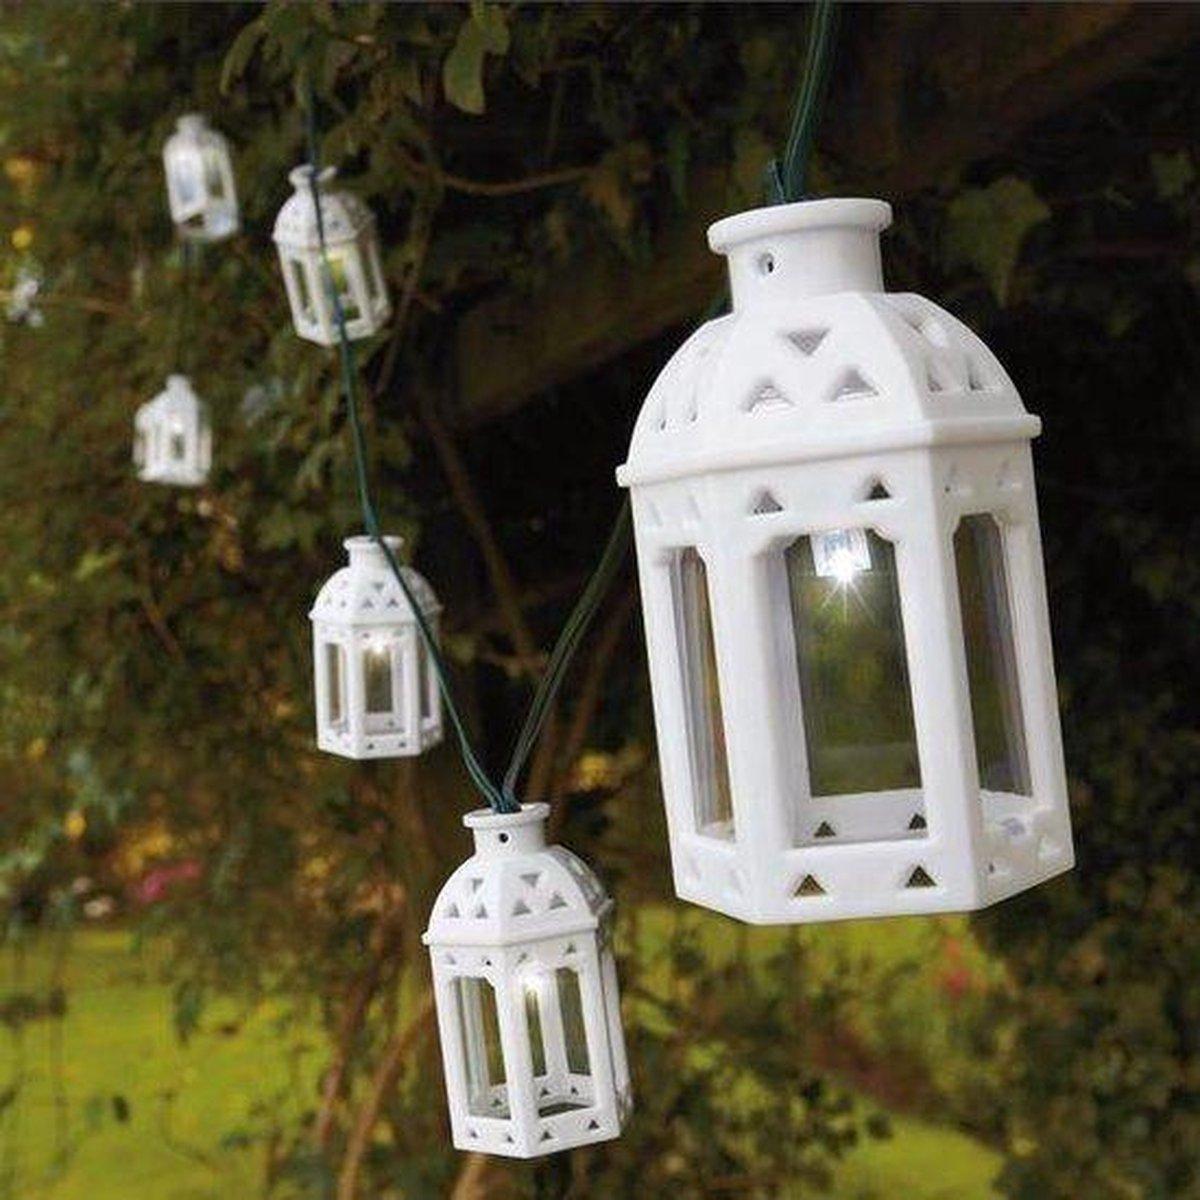 Verrassend bol.com | Feestverlichting met 16 LED lantaarns op zonne-energie MB-69